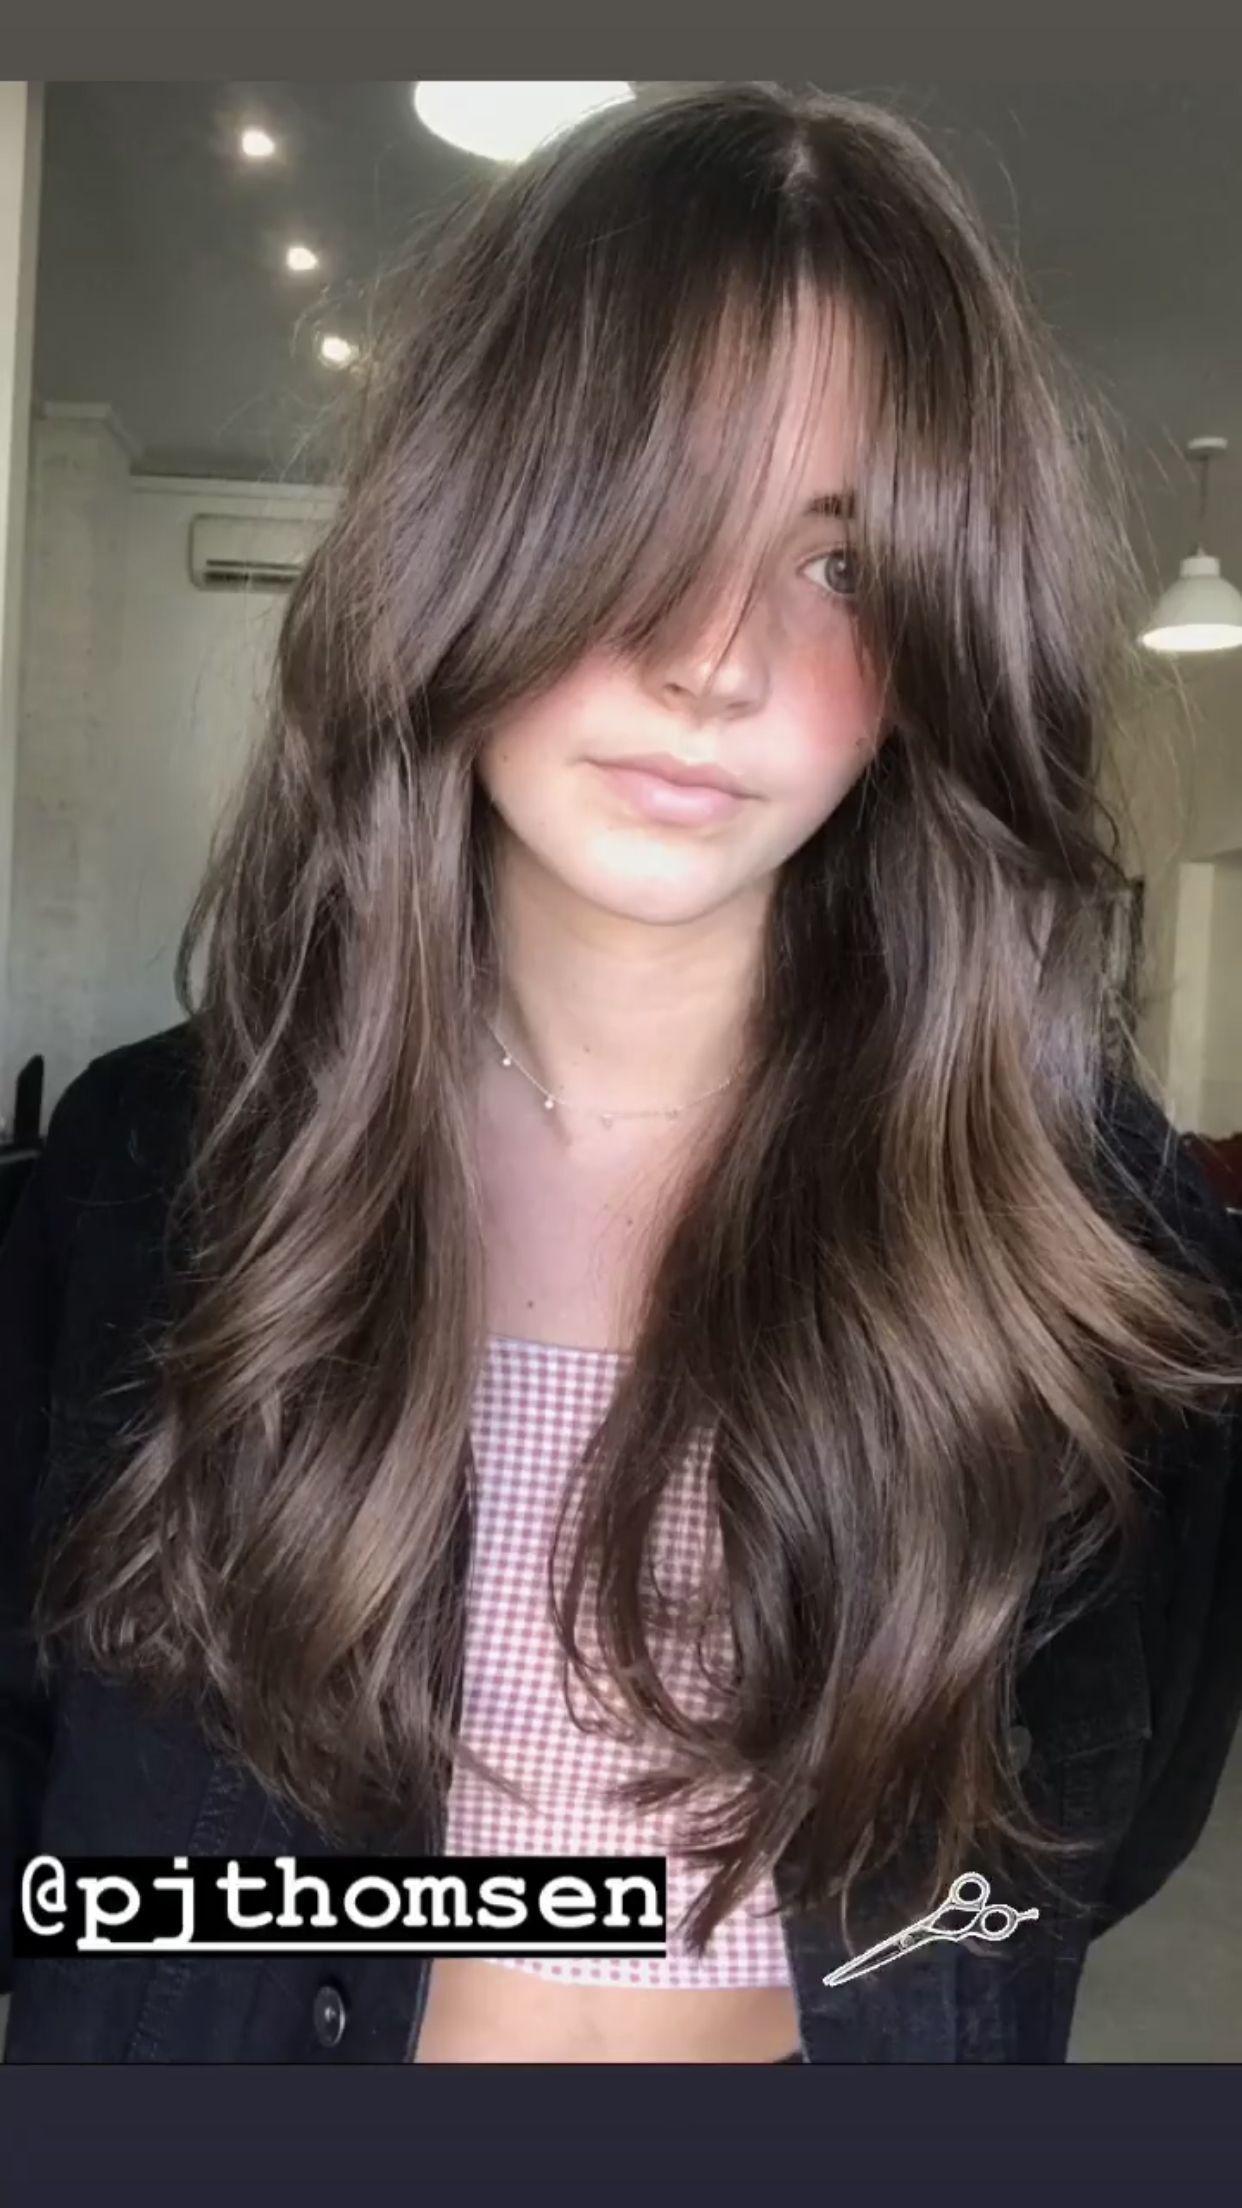 Follow Pjthomsen On Instagram Bangs Brunette Curtainbangs Longhair Beau Bangs In 2020 Hair Styles Long Hair Styles Haircuts For Long Hair